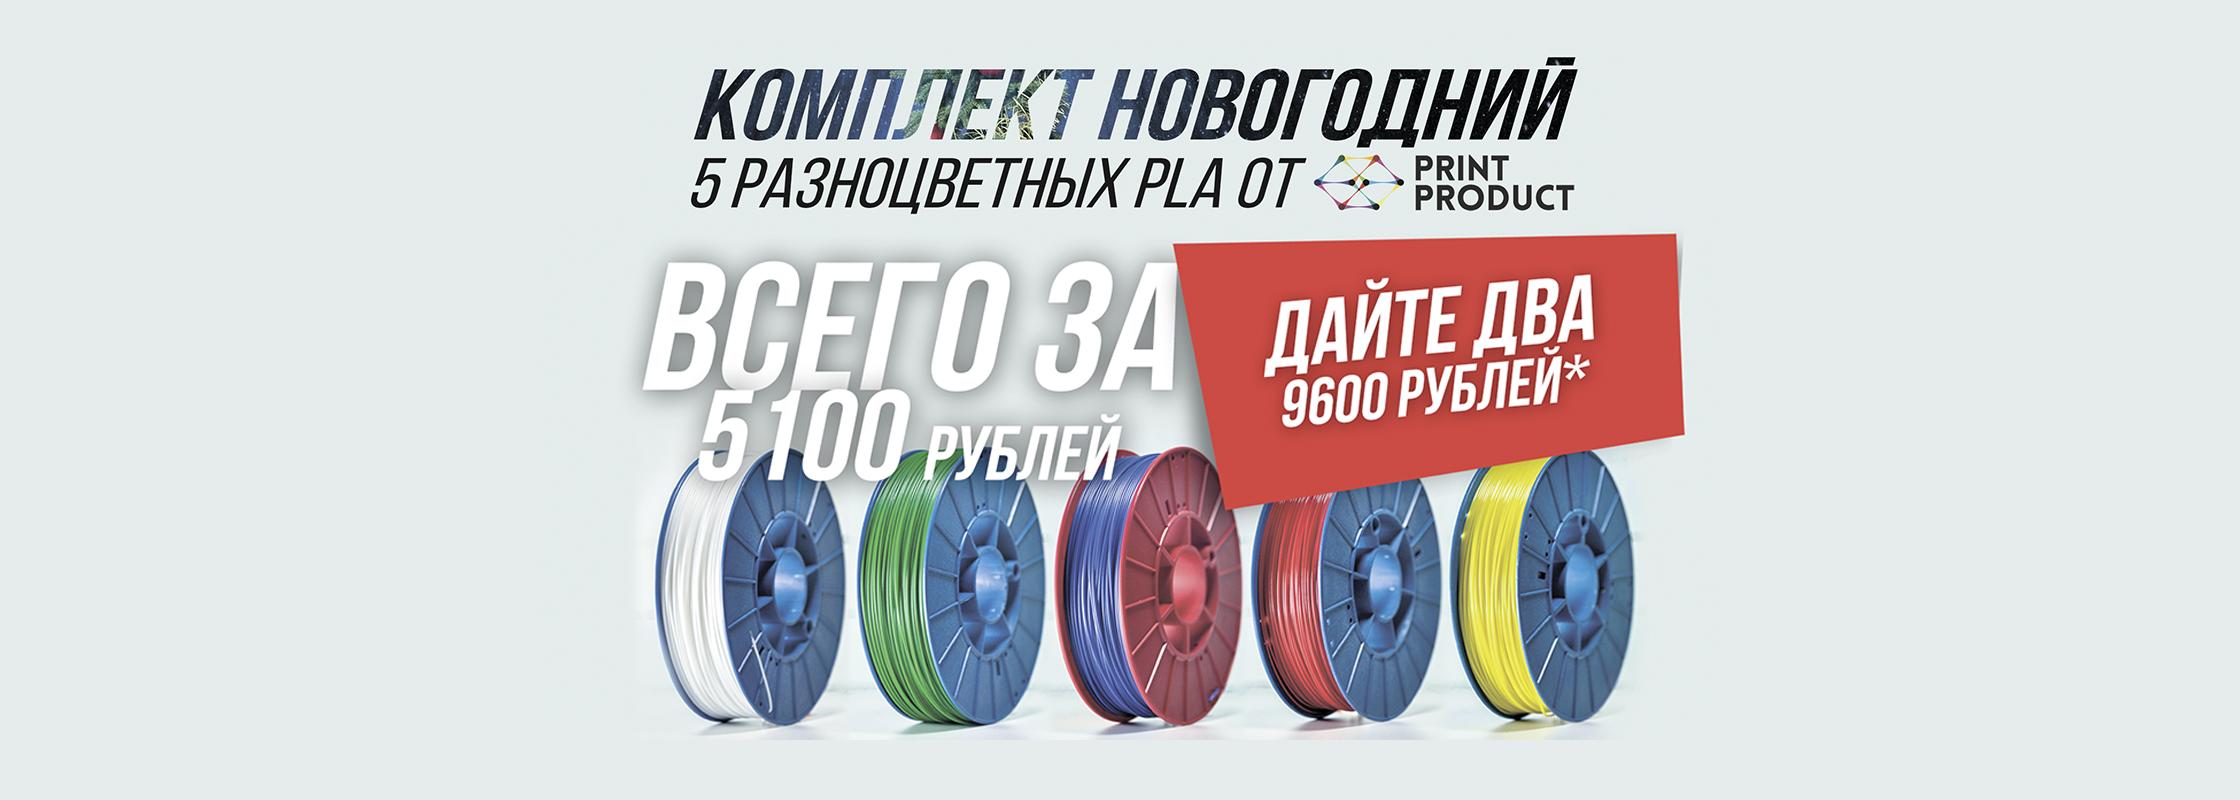 printproduct_ng2